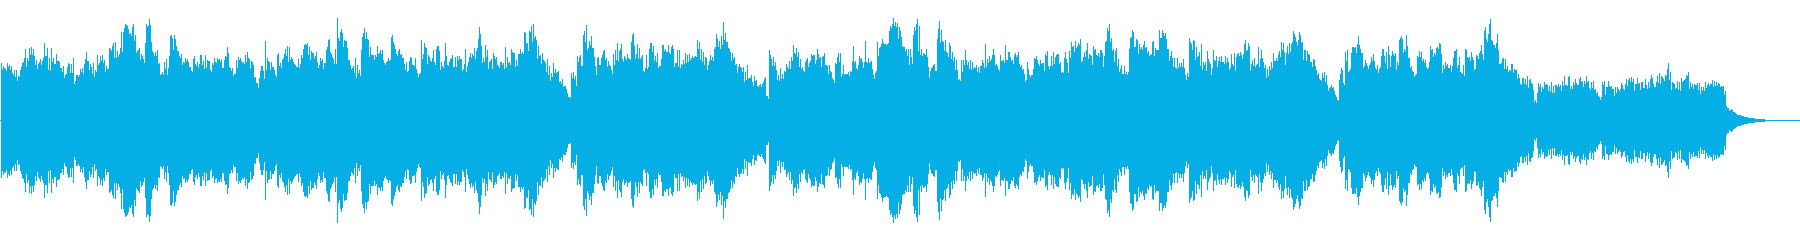 ヨガ、サウナ、安眠に最適なエレピ生演奏の再生済みの波形